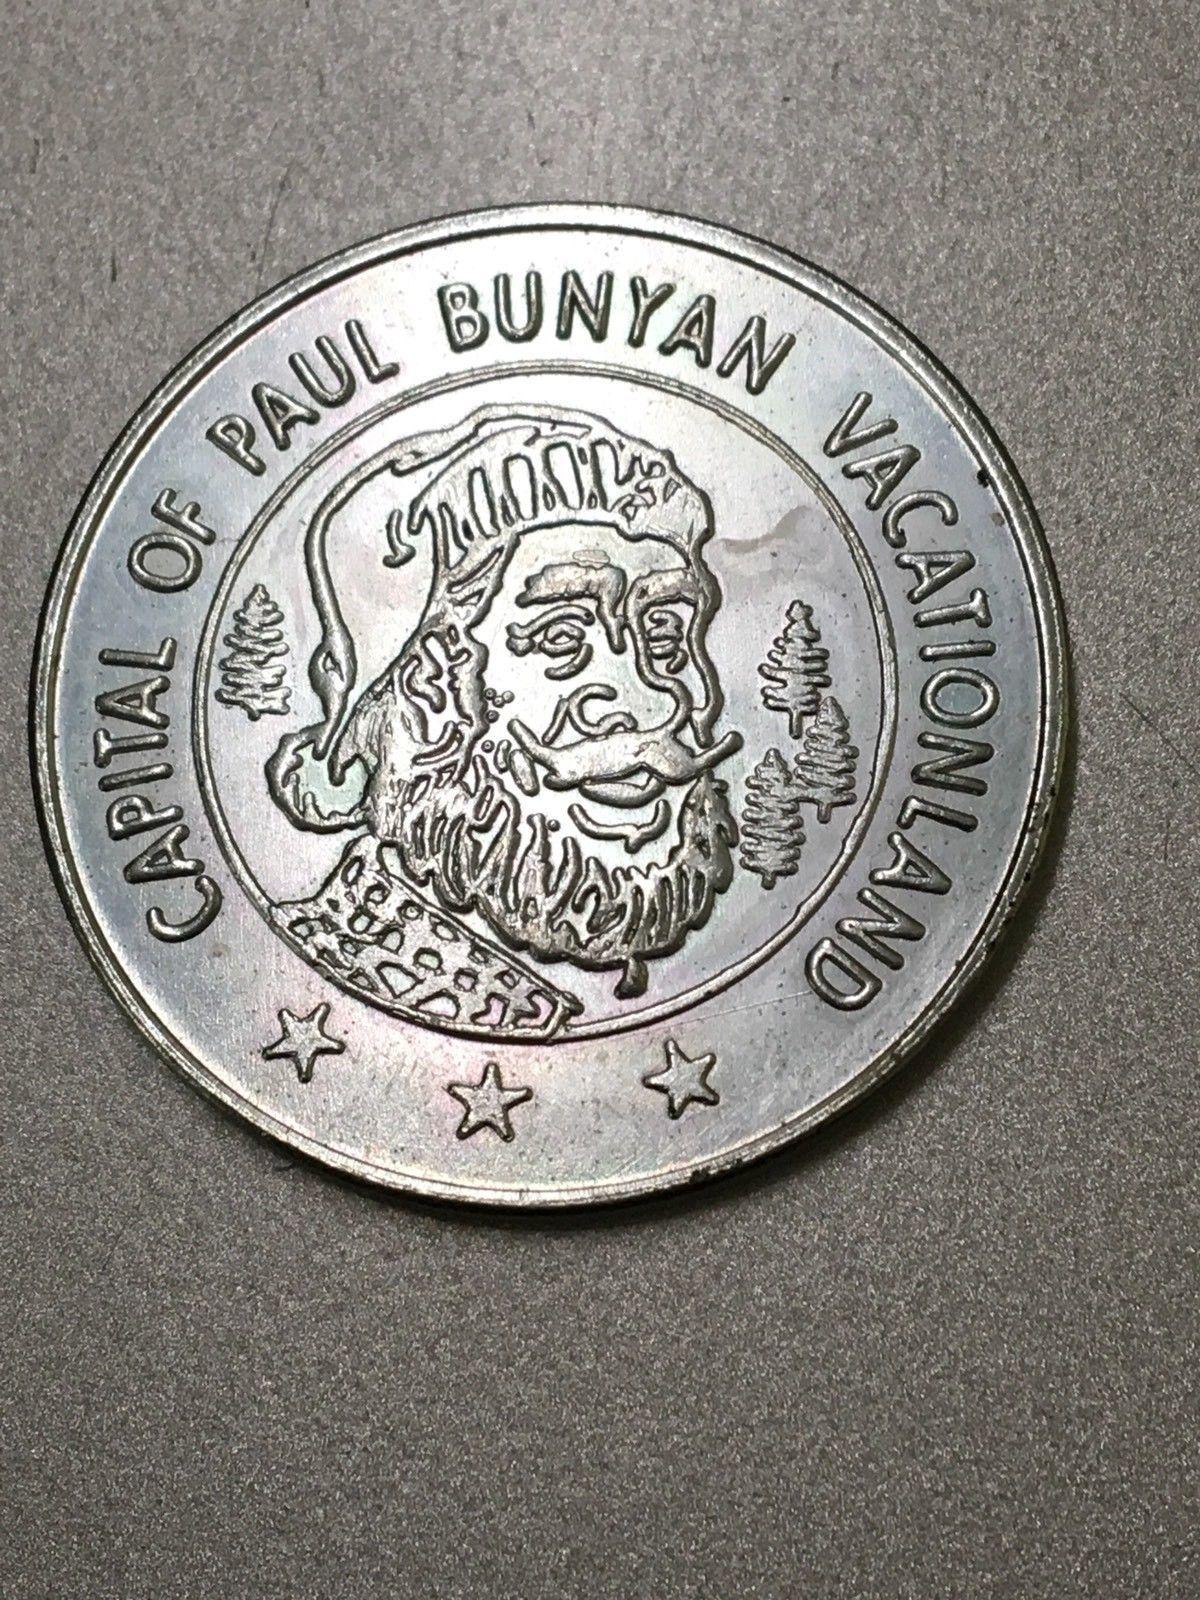 Brainerd MN 1971 centennial token capital of Paul Bunyan Vacationland